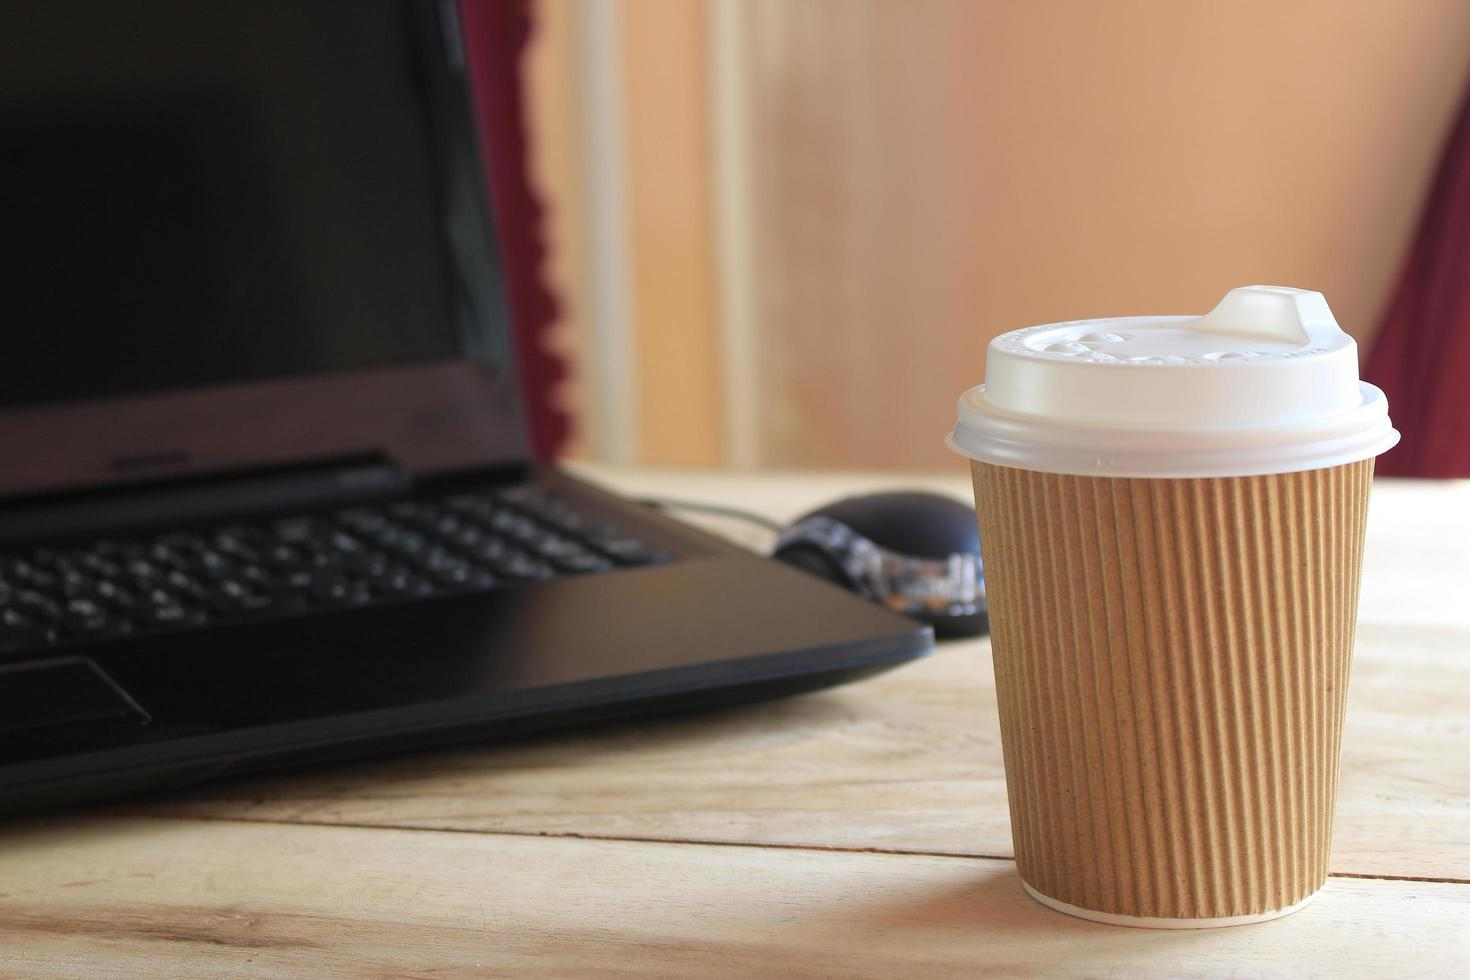 Tasse zum Mitnehmen auf dem Schreibtisch foto